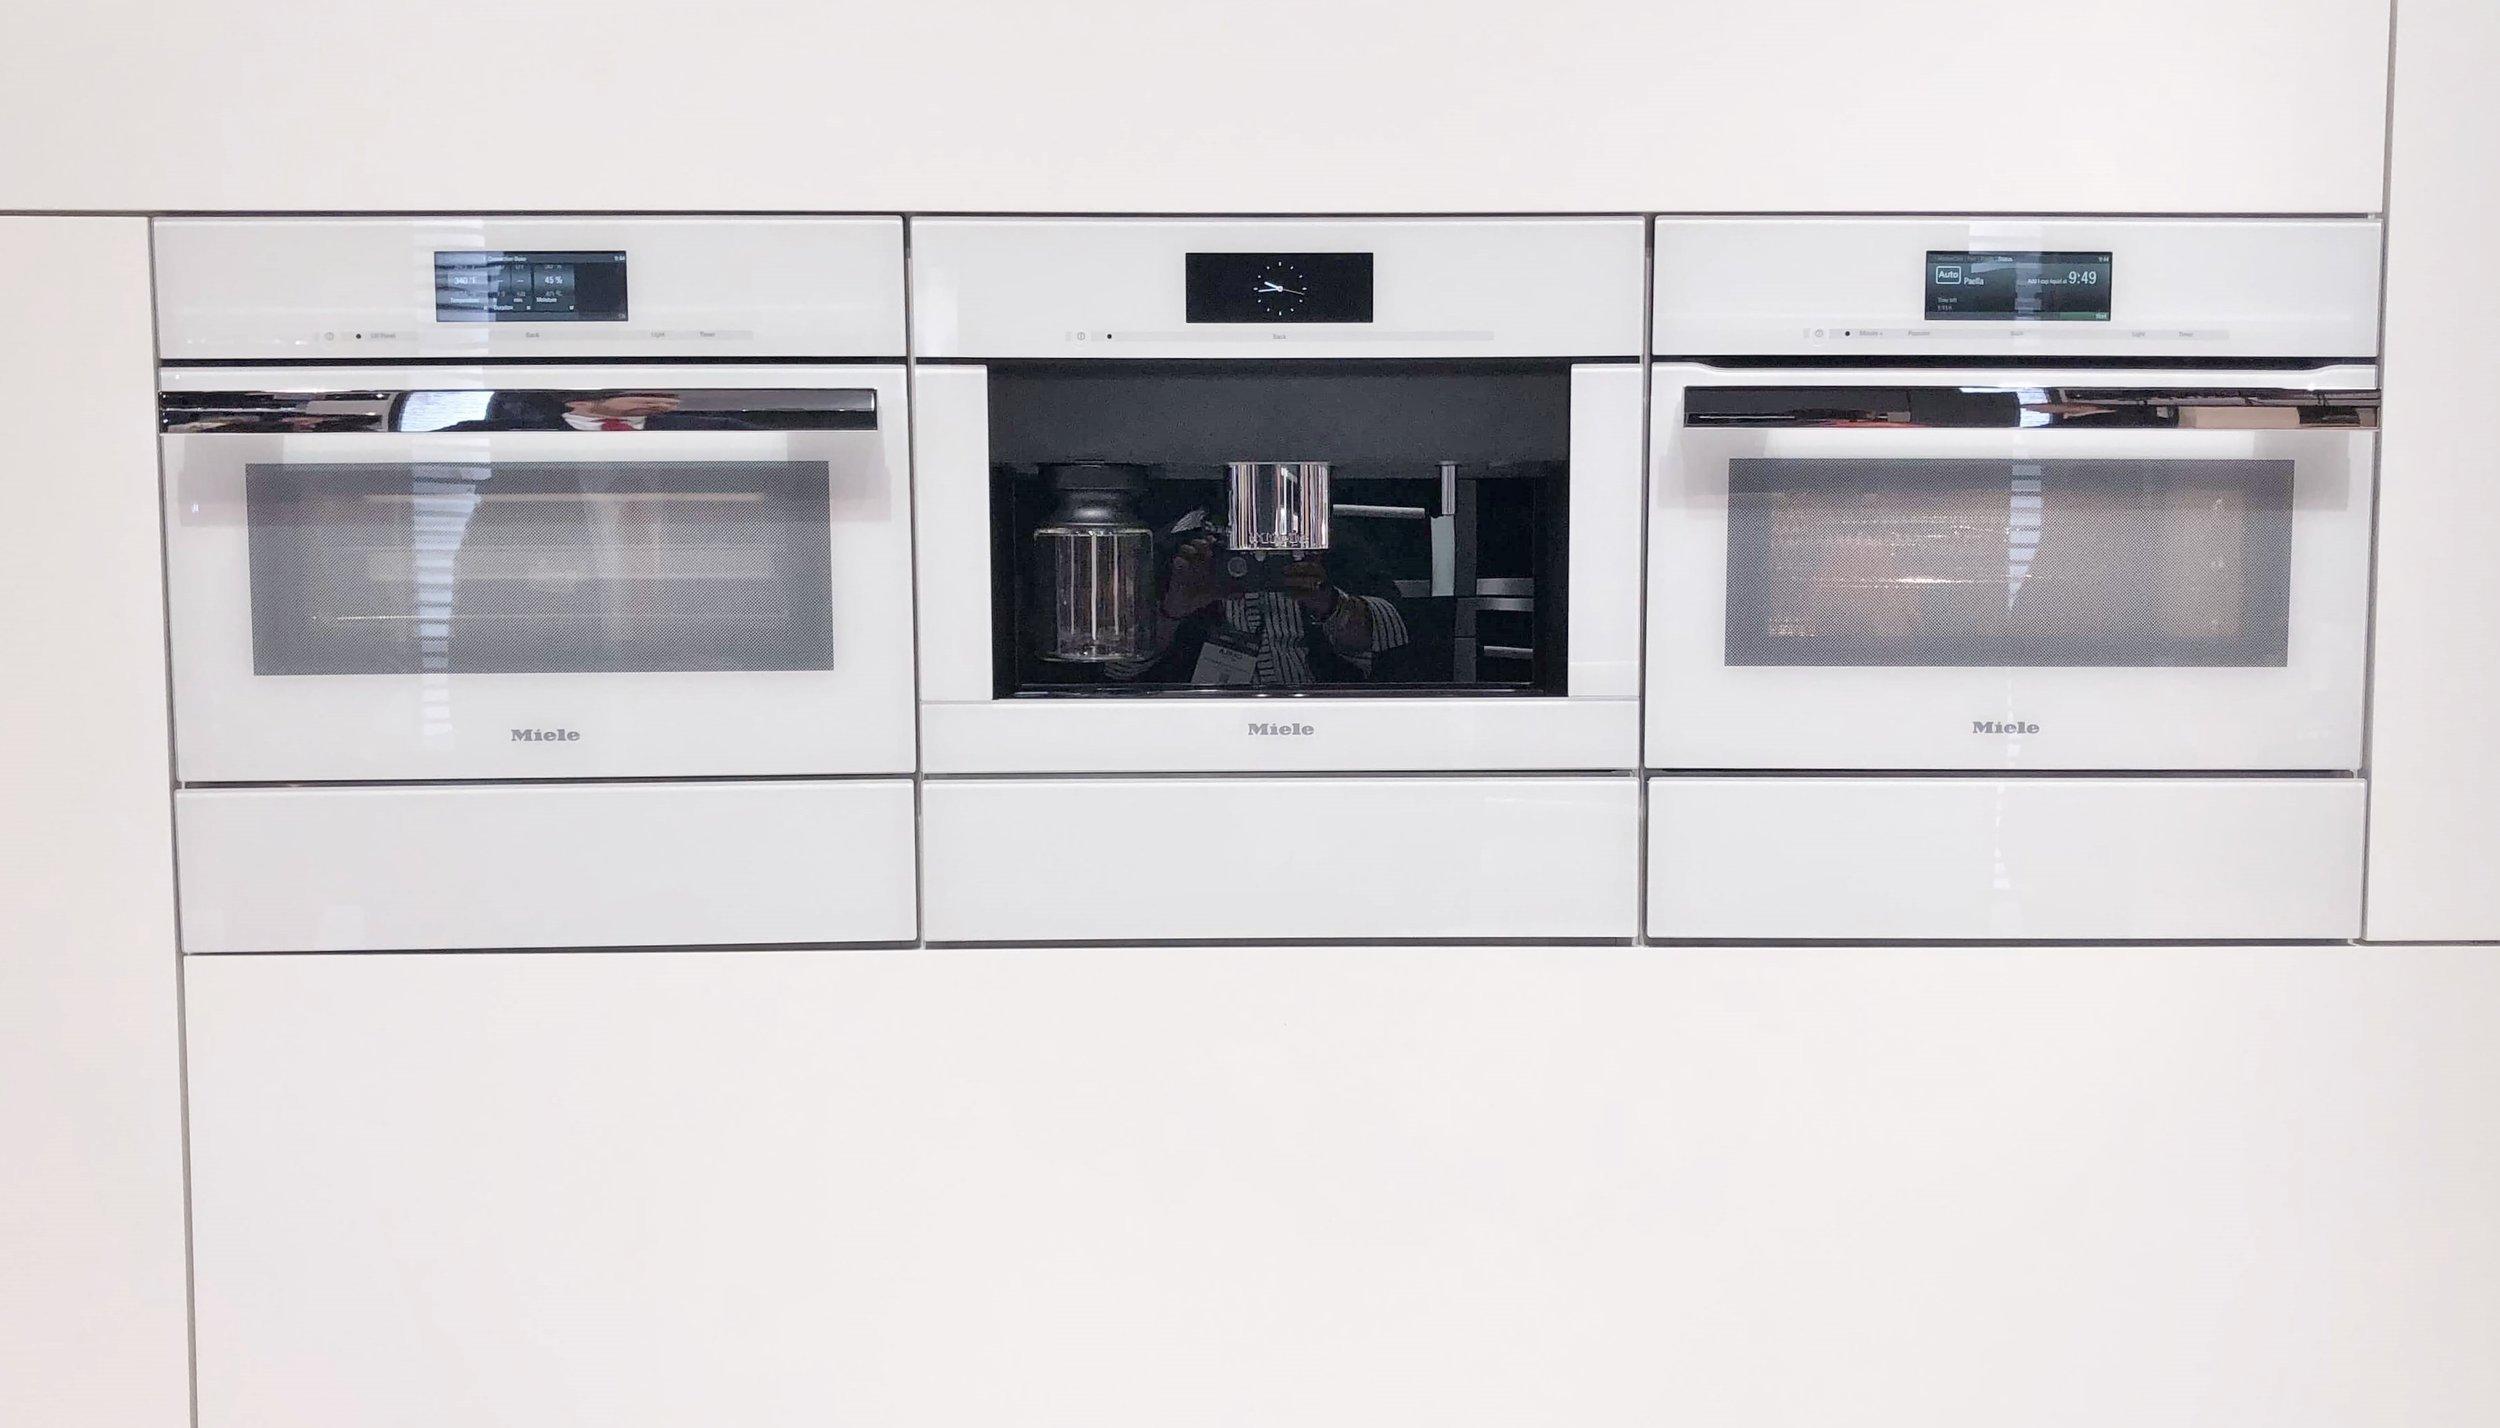 Miele white appliances